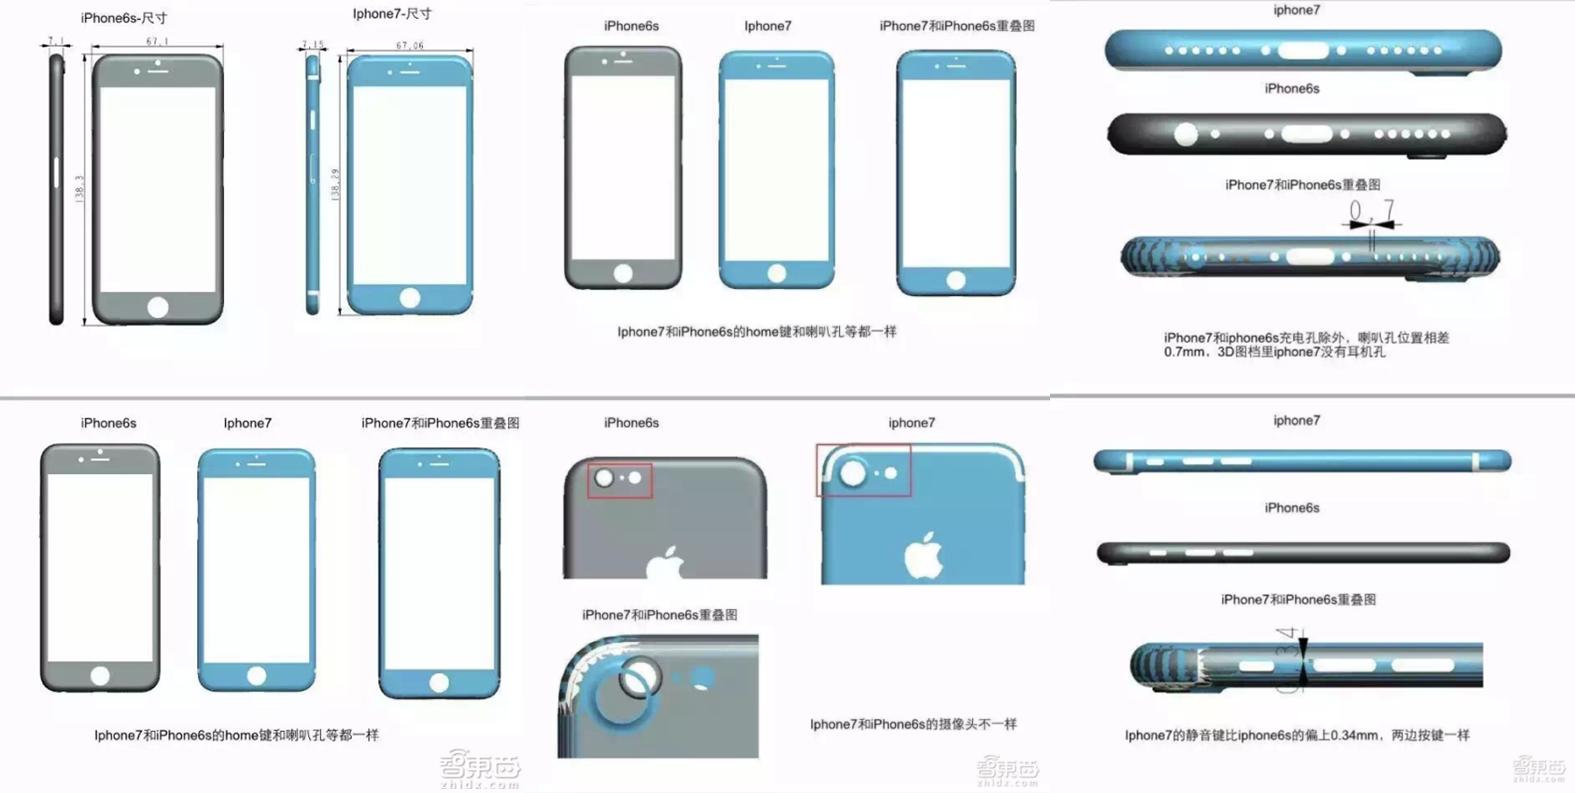 iPhone 7 - tekeningen met afmetingen en verschillende aanzichten